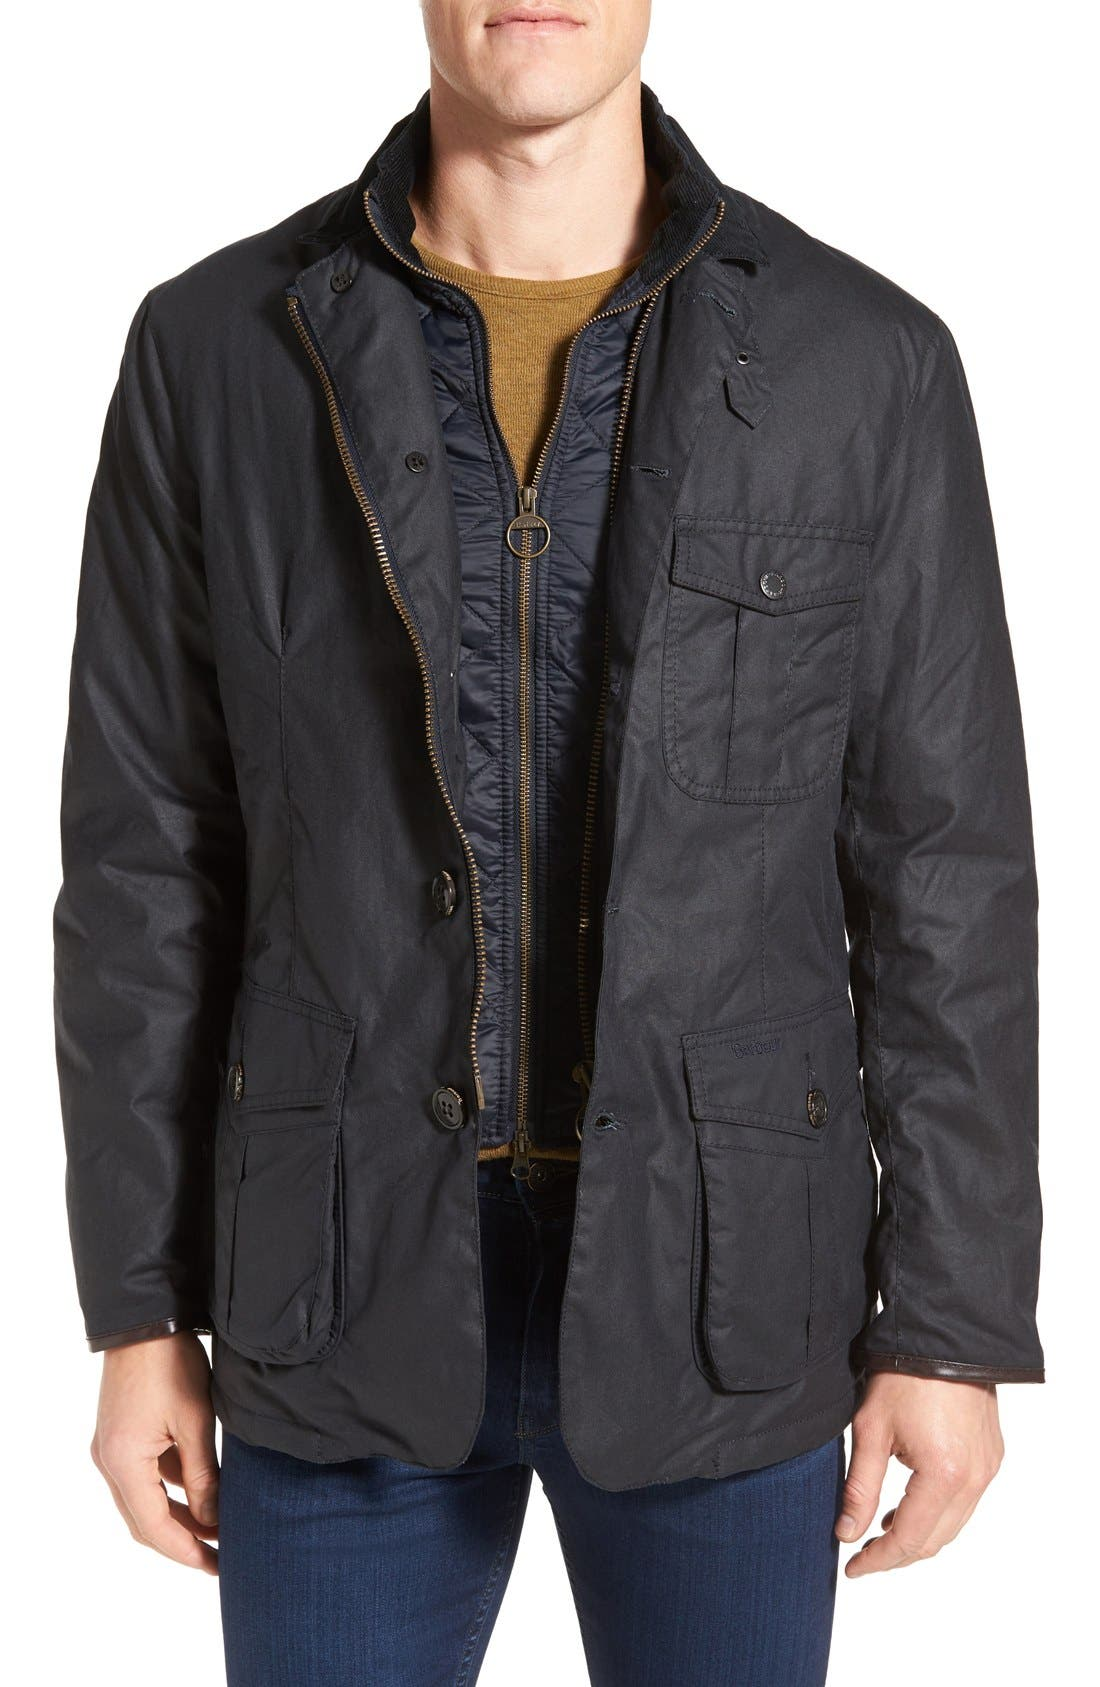 Torridon Wax Jacket with Bib, Main, color, 410